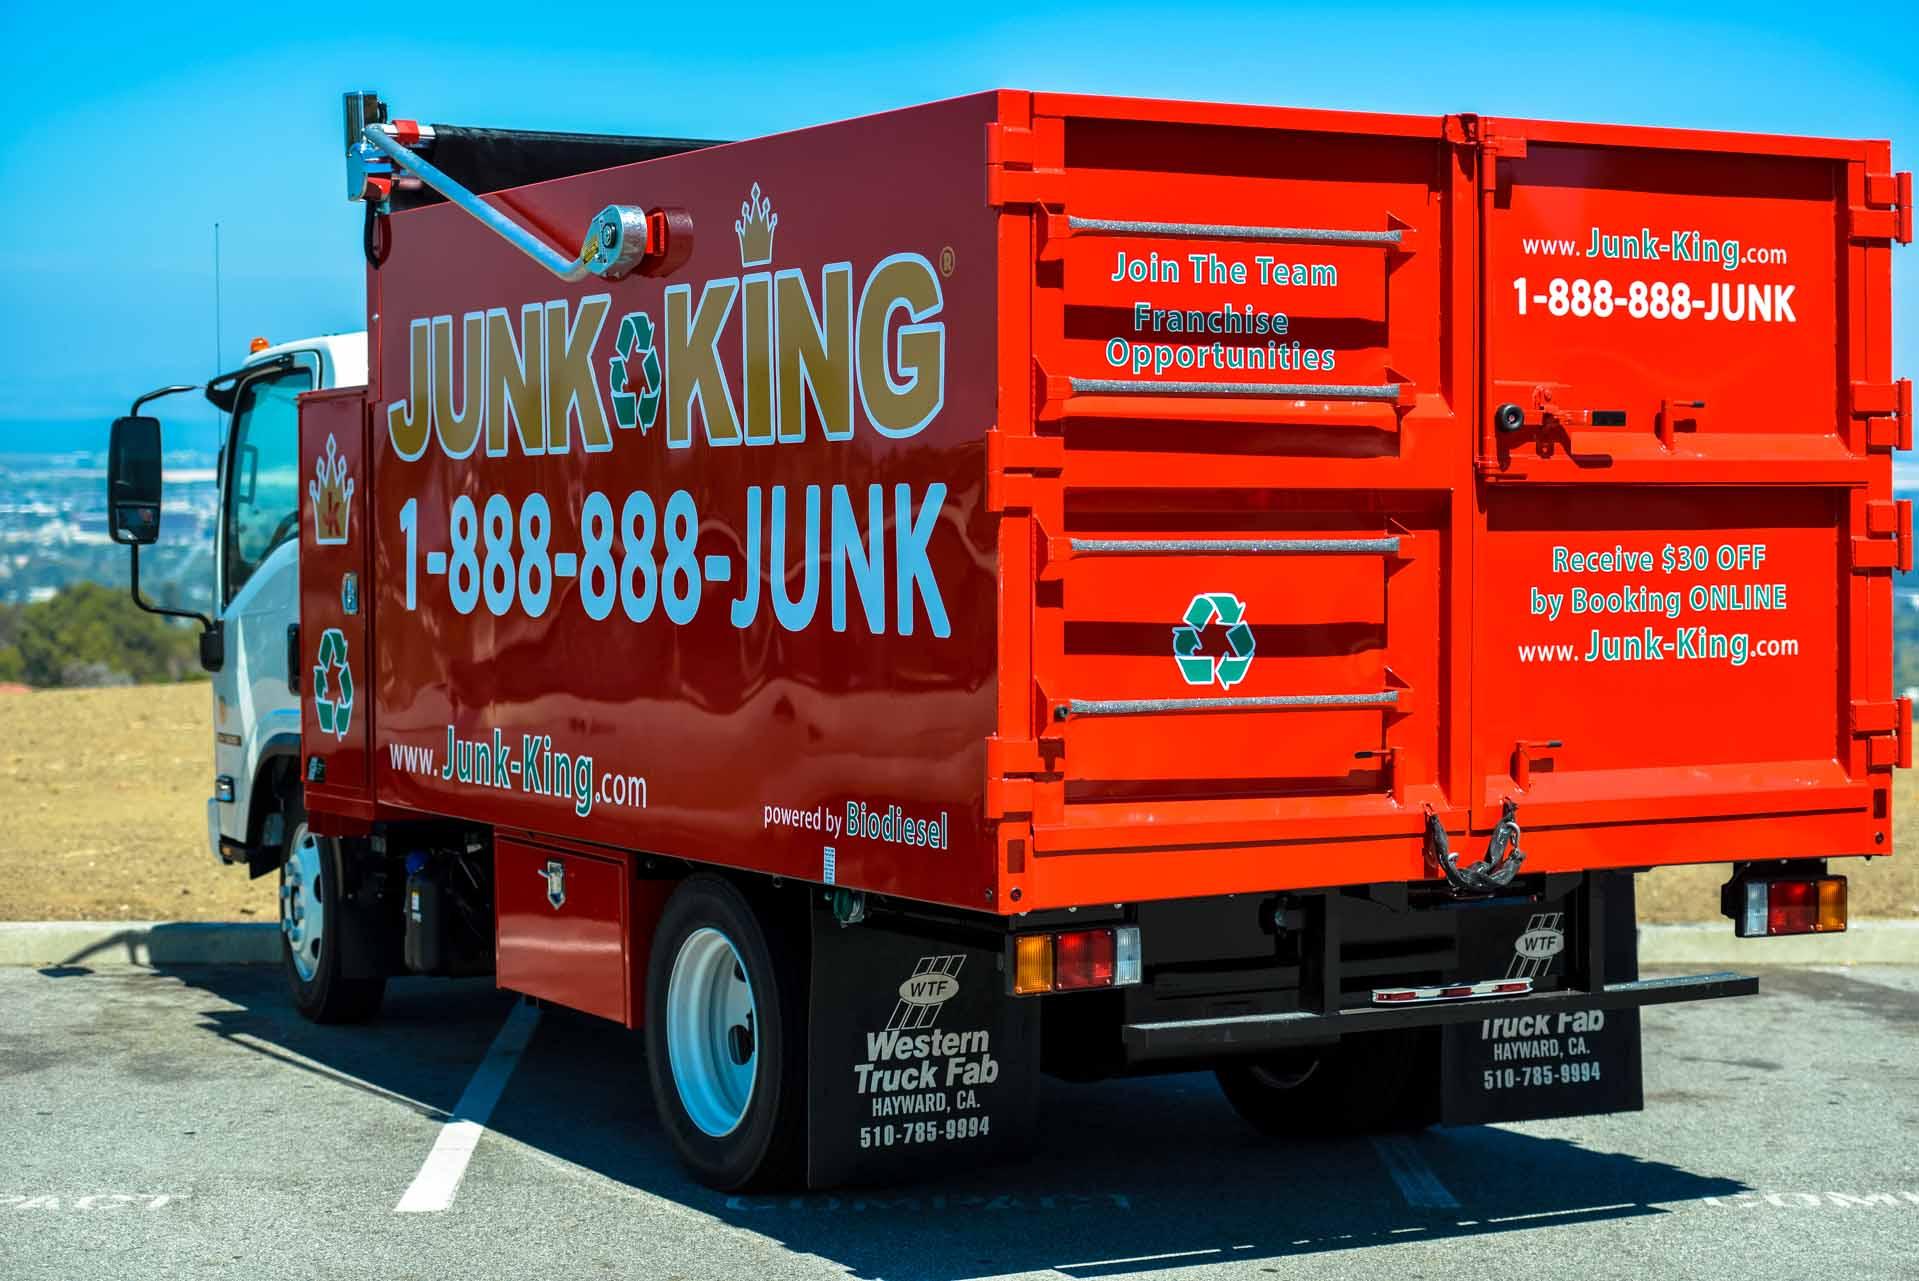 Junk King Franchise Owner.